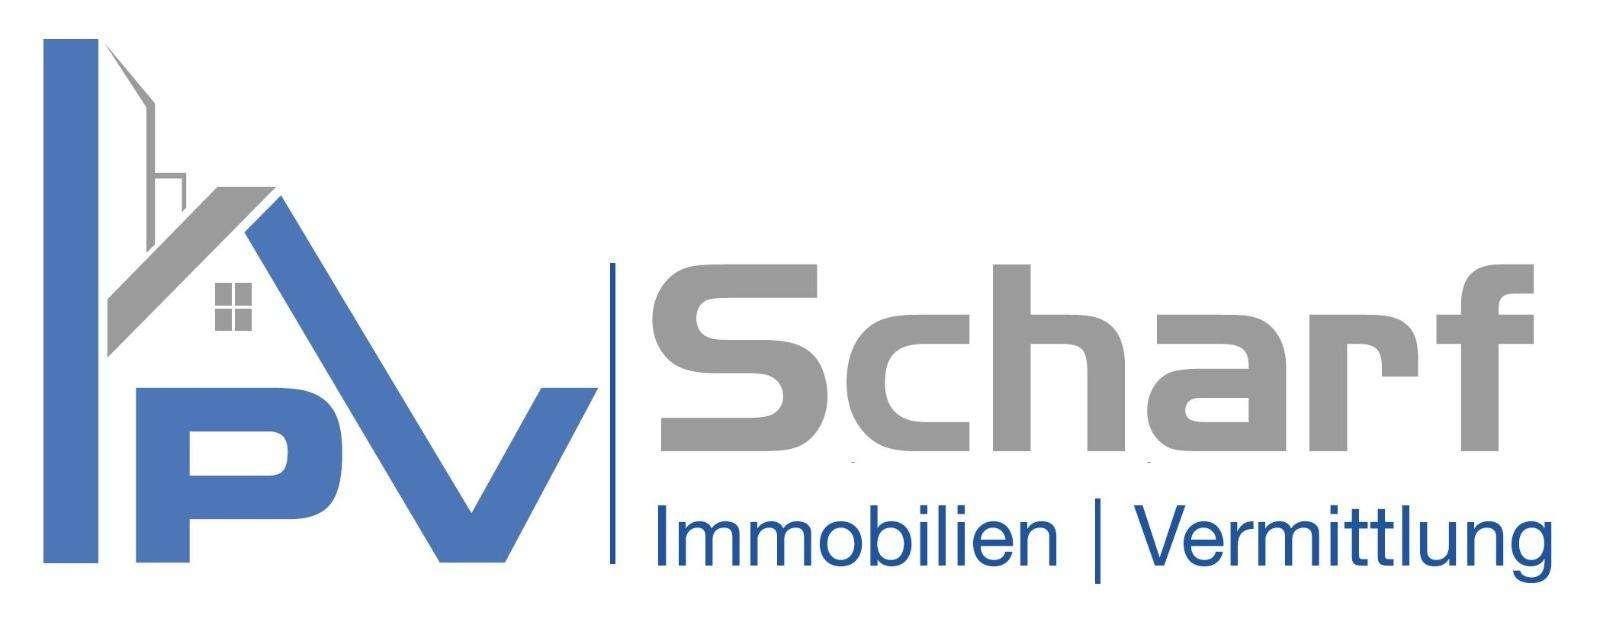 Makler Immobilien - Projektentwicklung und Vermietungs GmbH logo